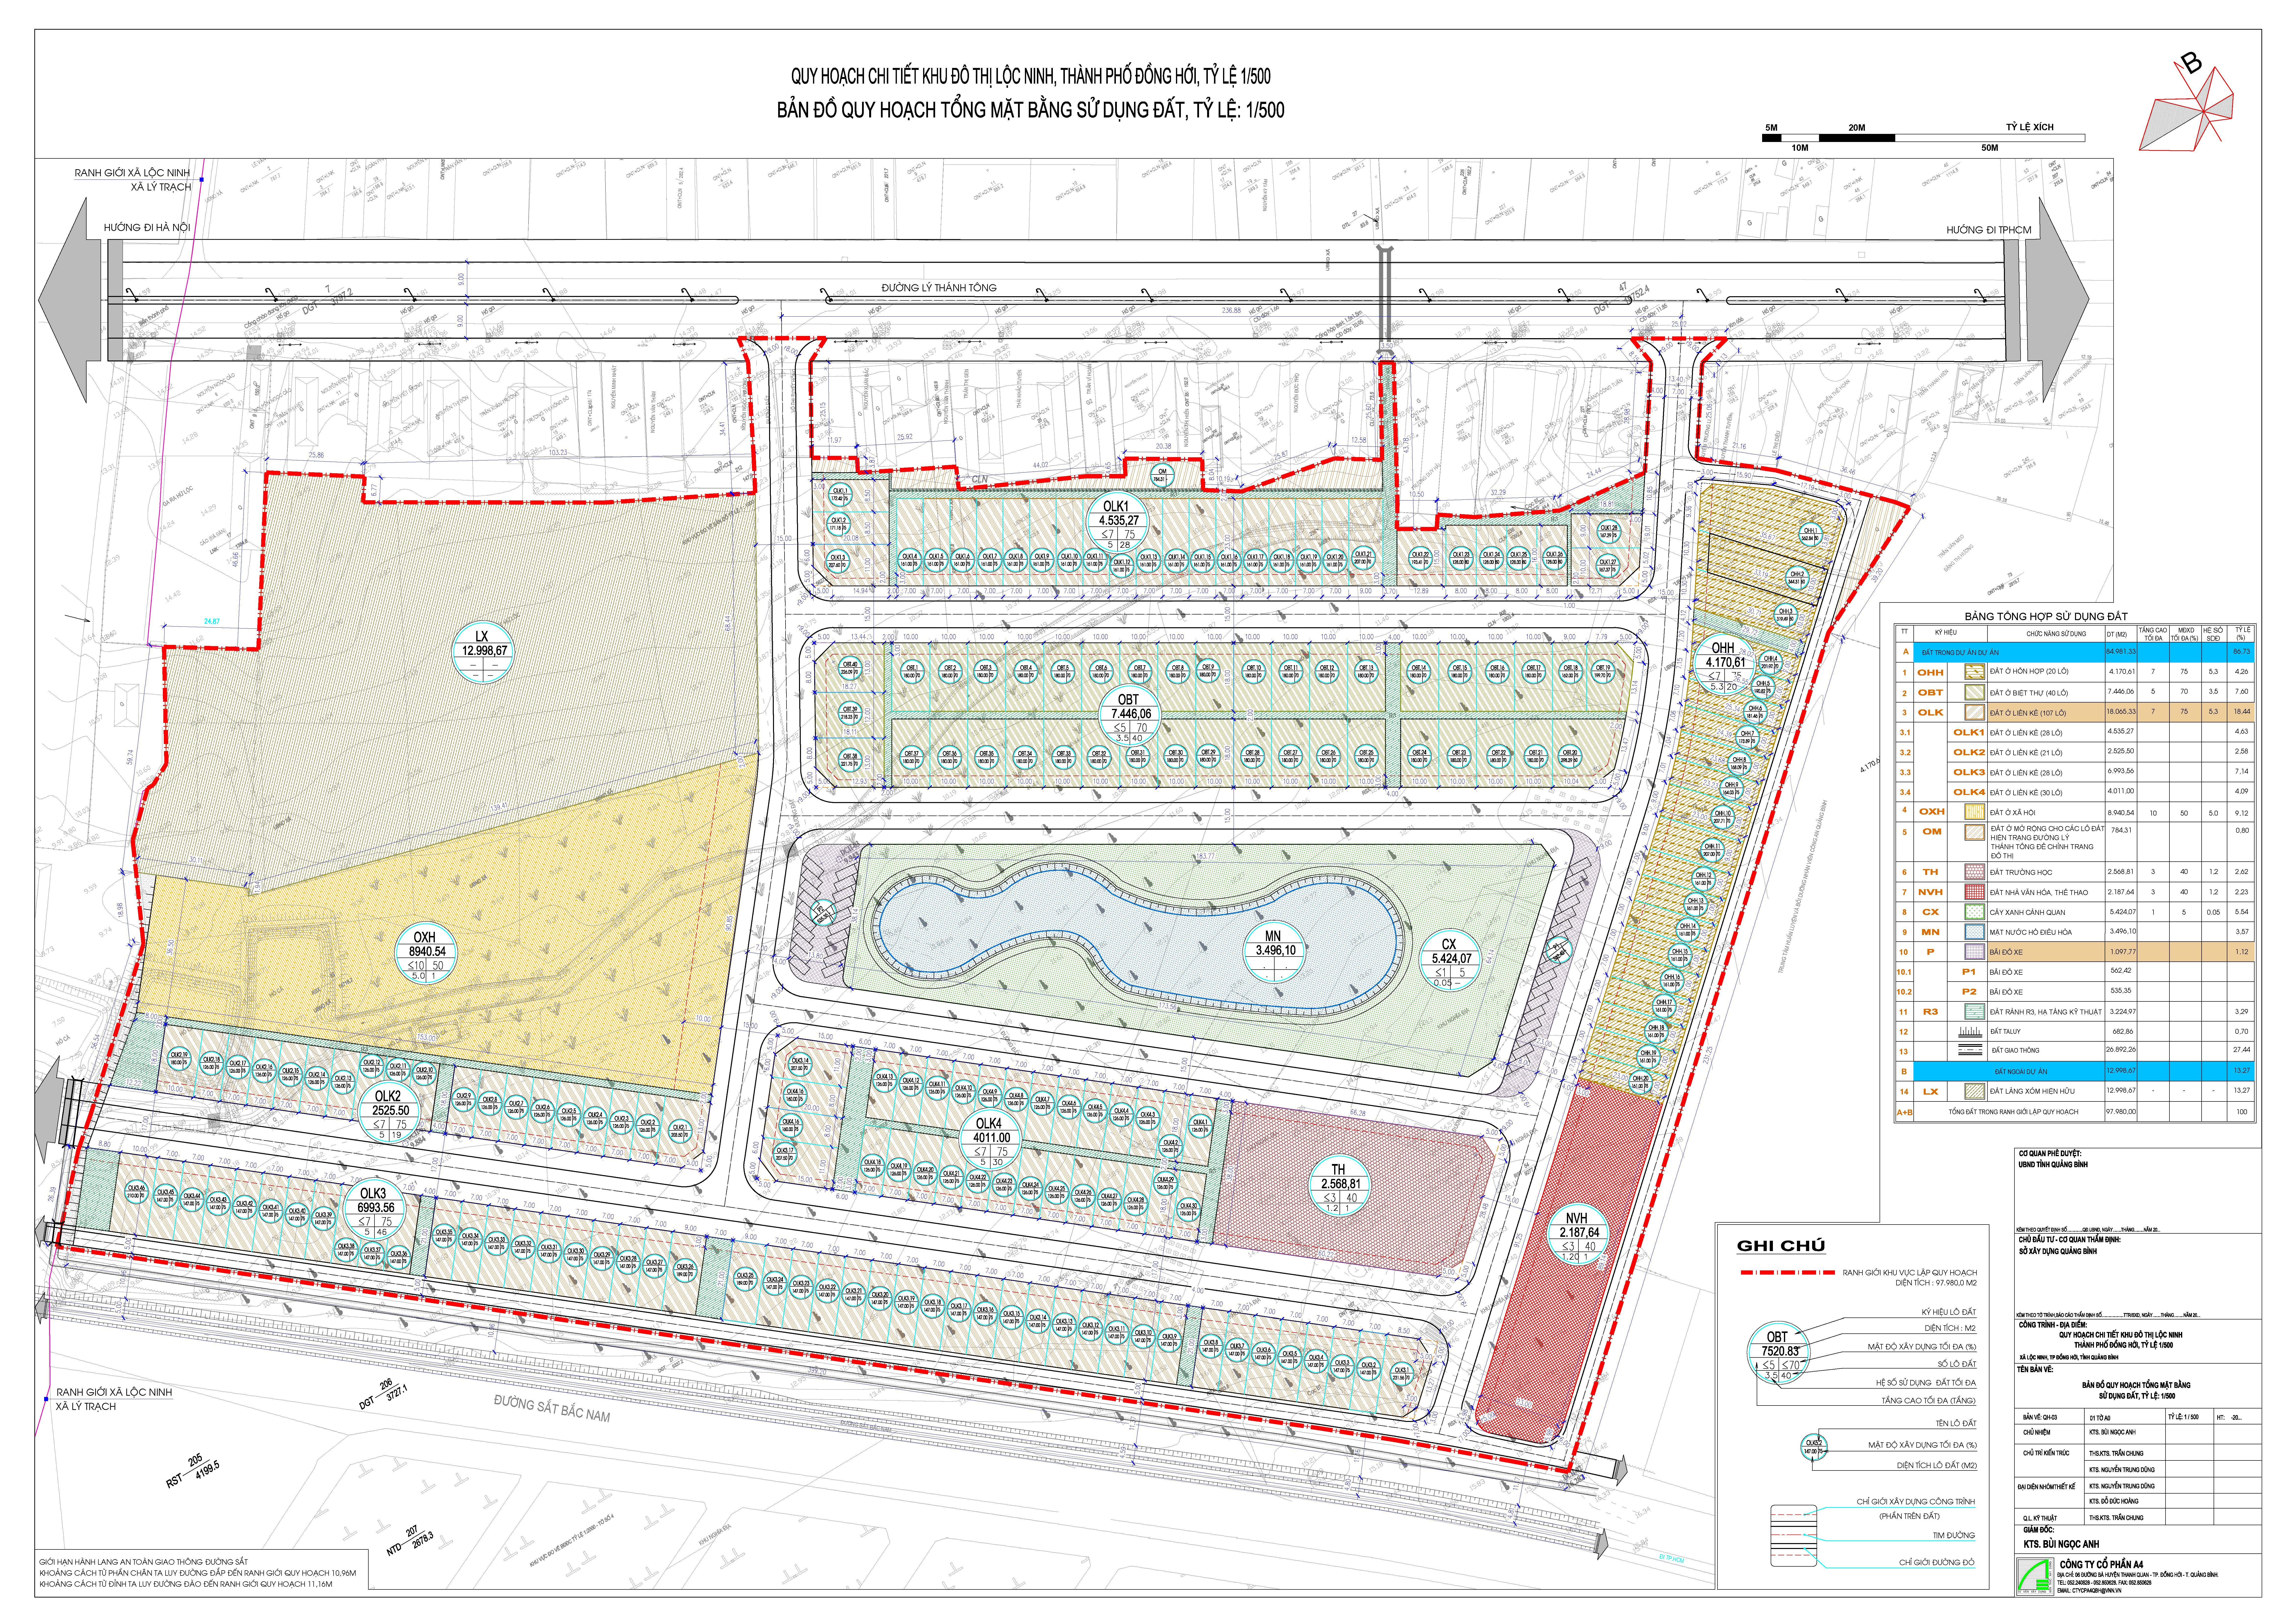 Công bố Quy hoạch chi tiết Khu đô thị Lộc Ninh, thành phố Đồng Hới, tỷ lệ 1/500